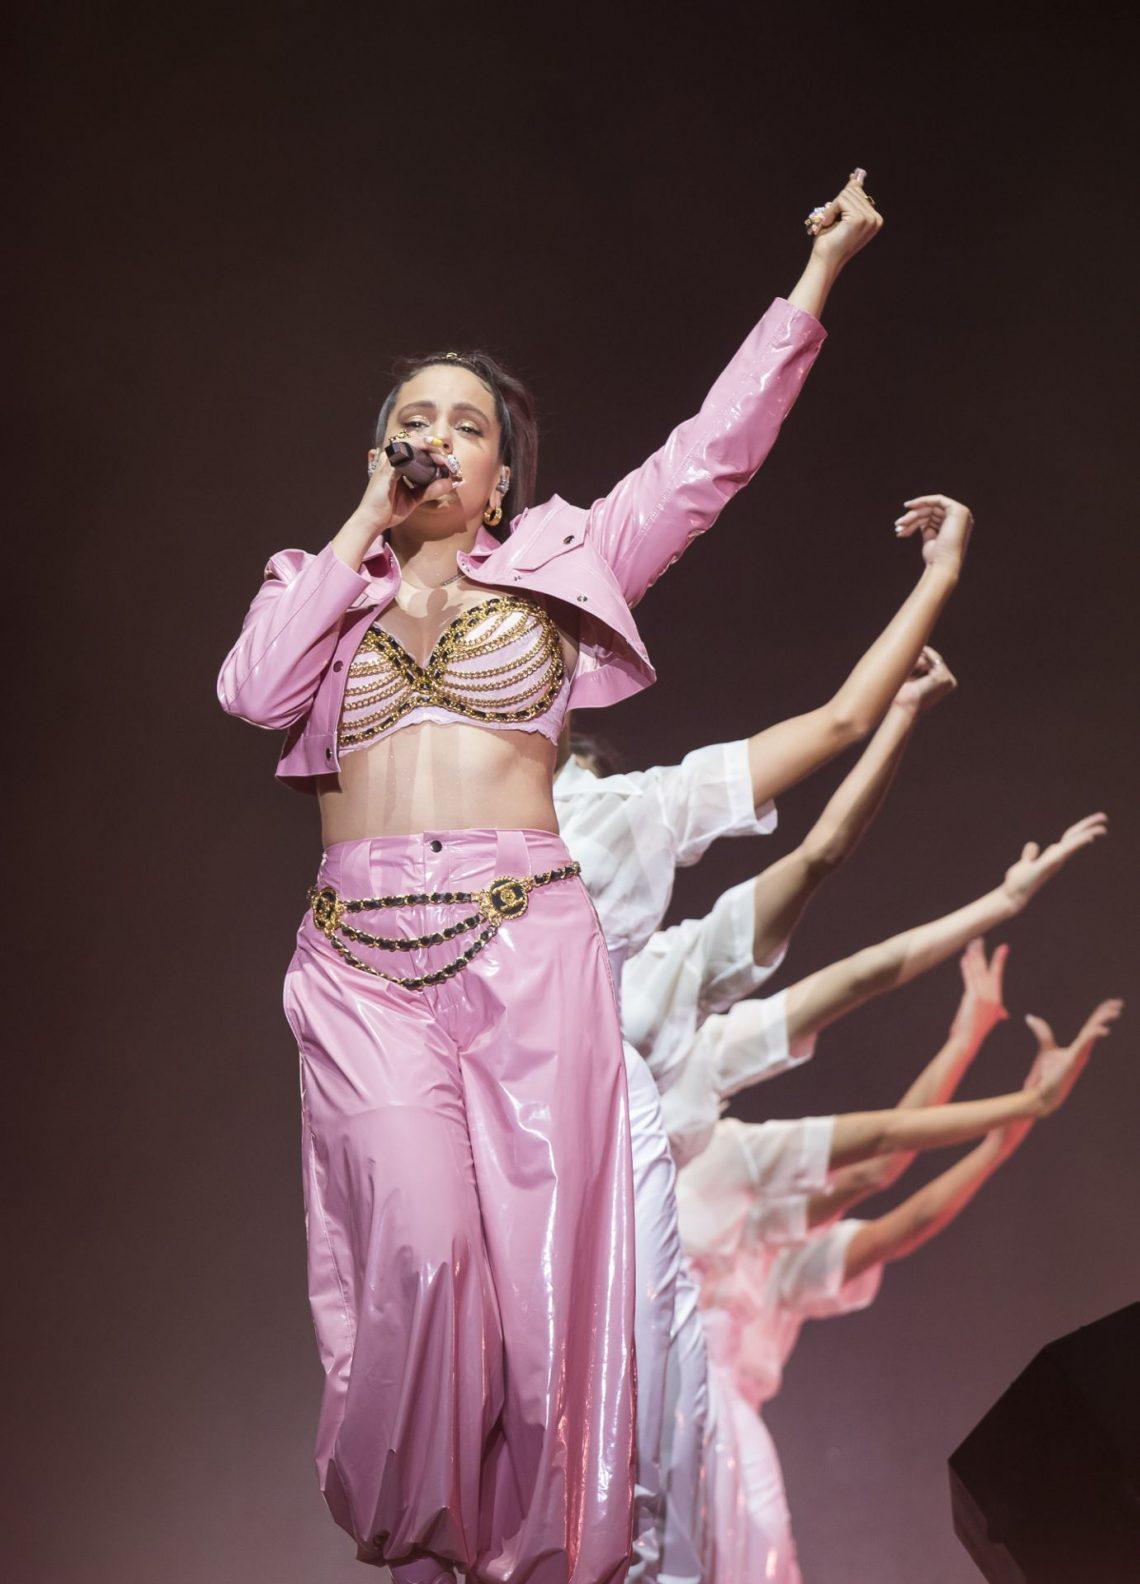 Rosalía deslumbra en el Bilbao BBK Live con lleno absoluto y un público eufórico